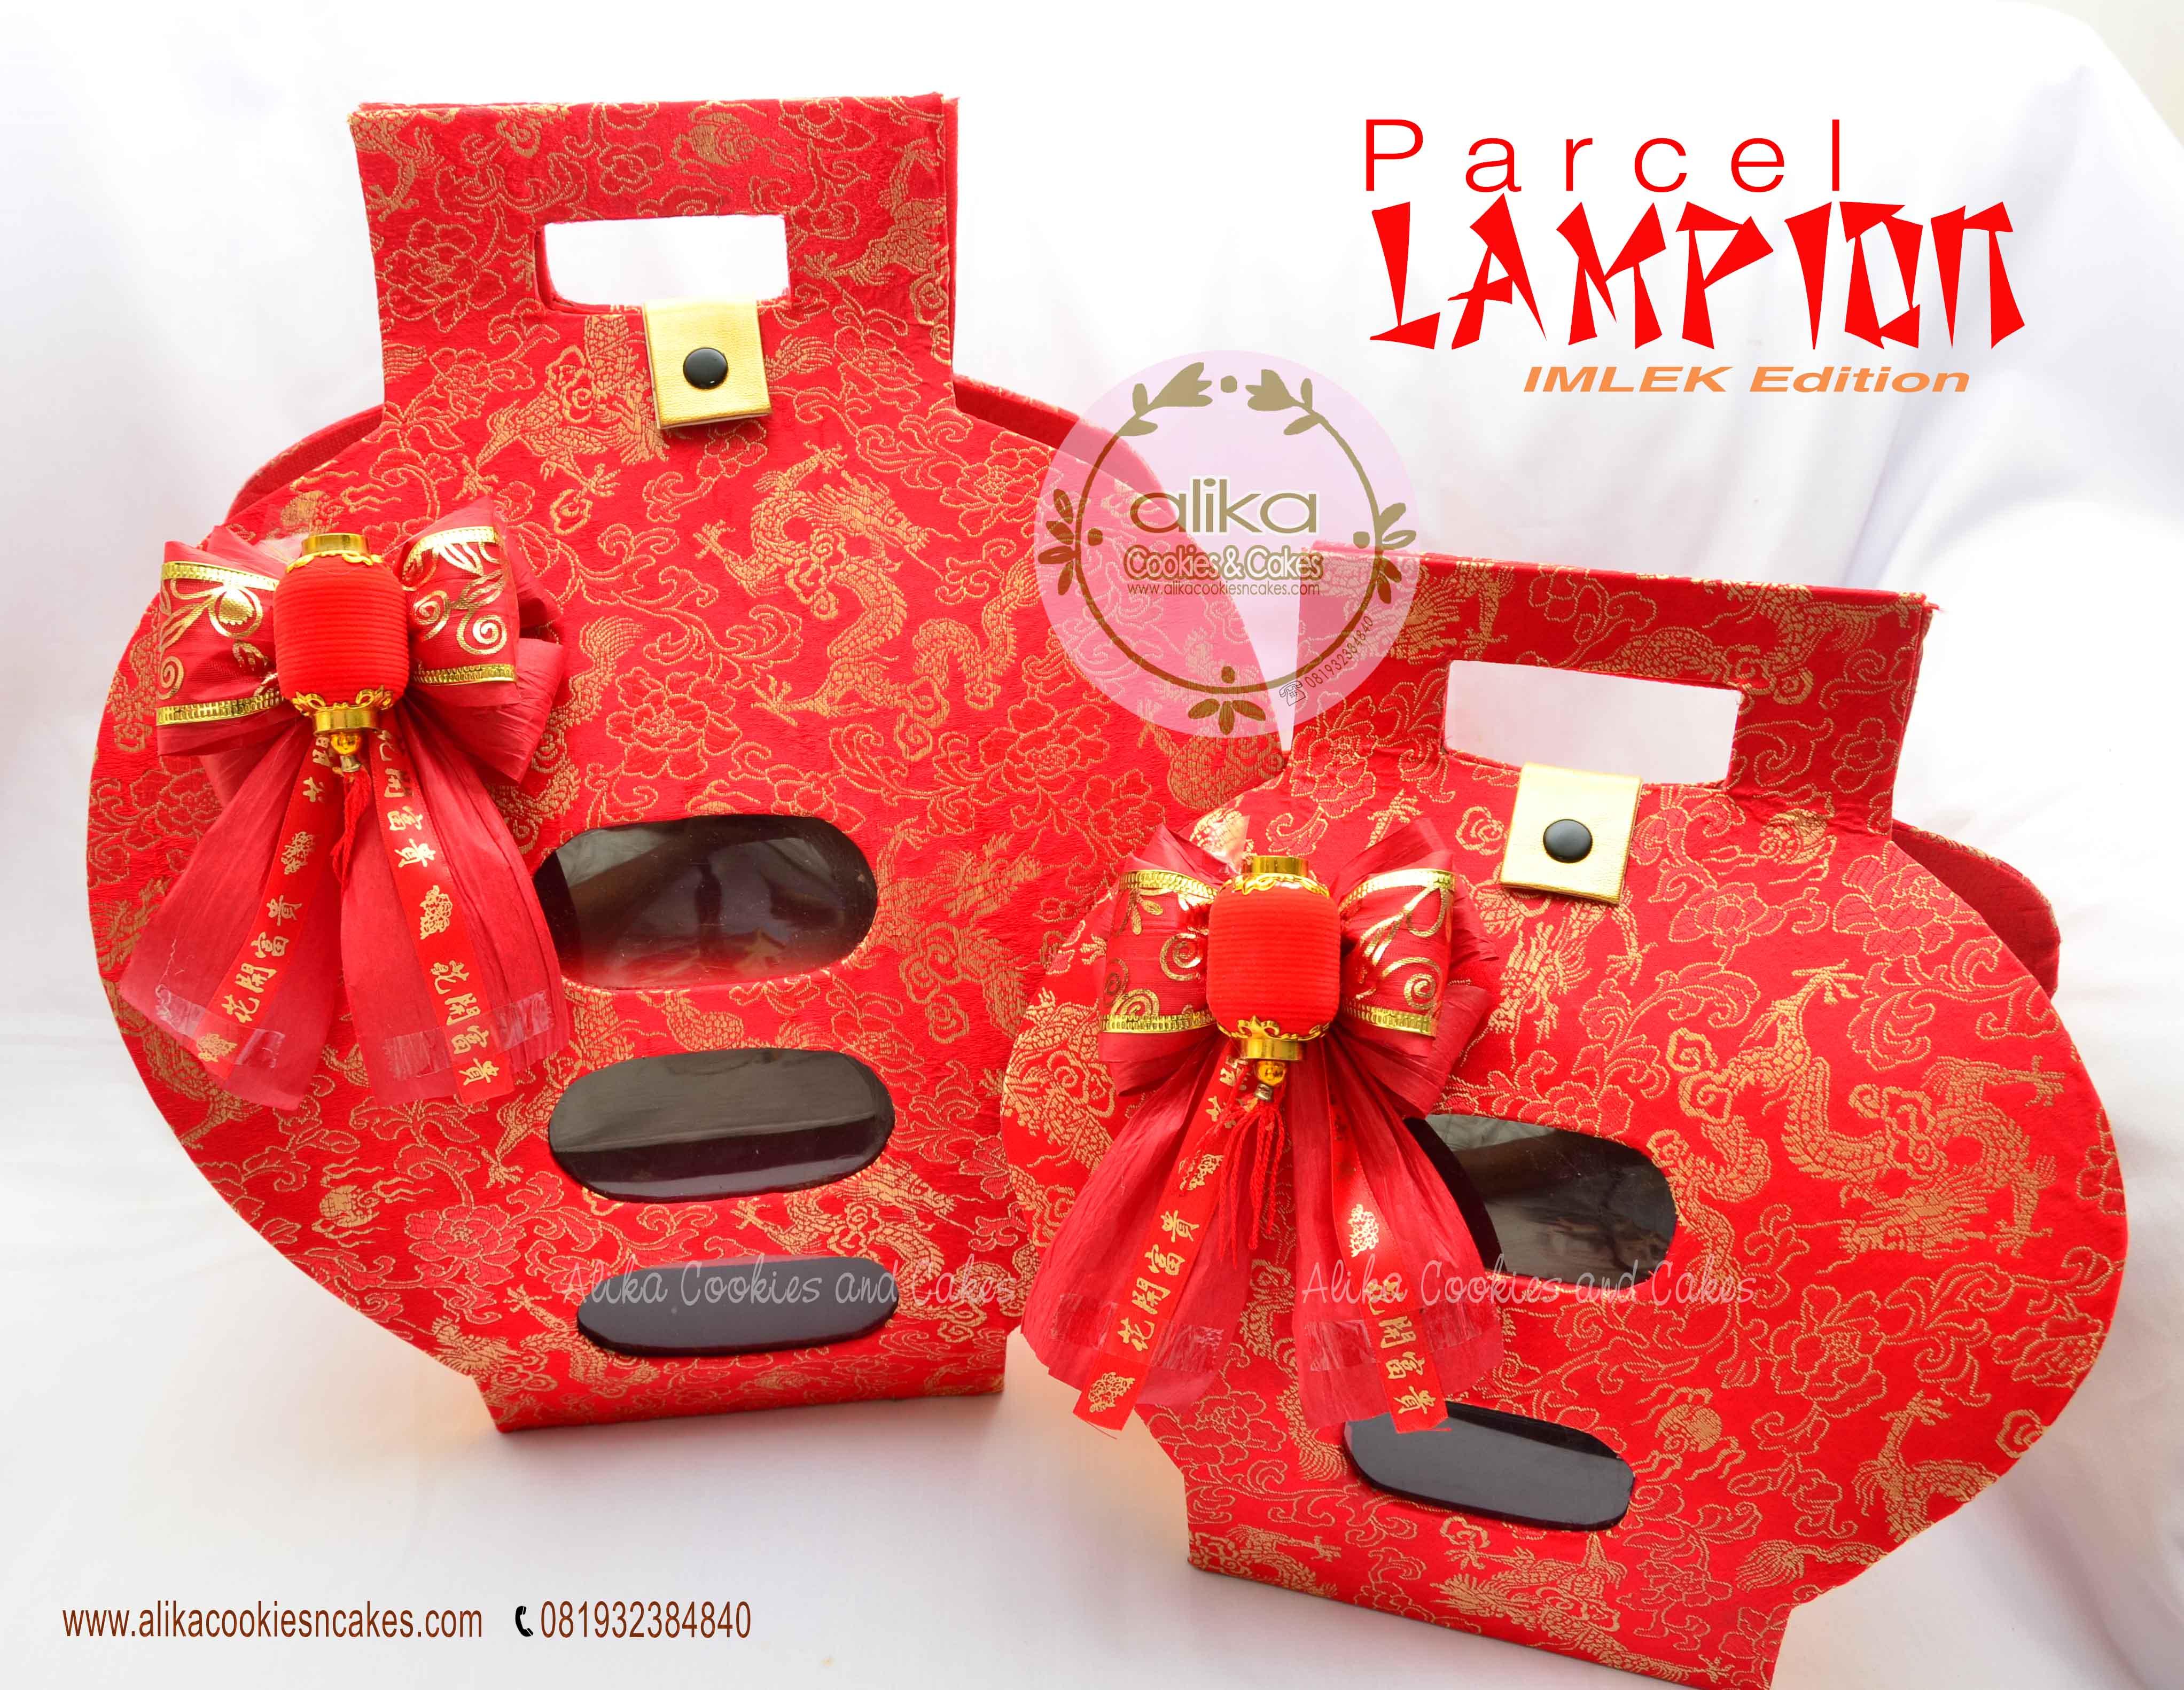 parcel_LAMPION